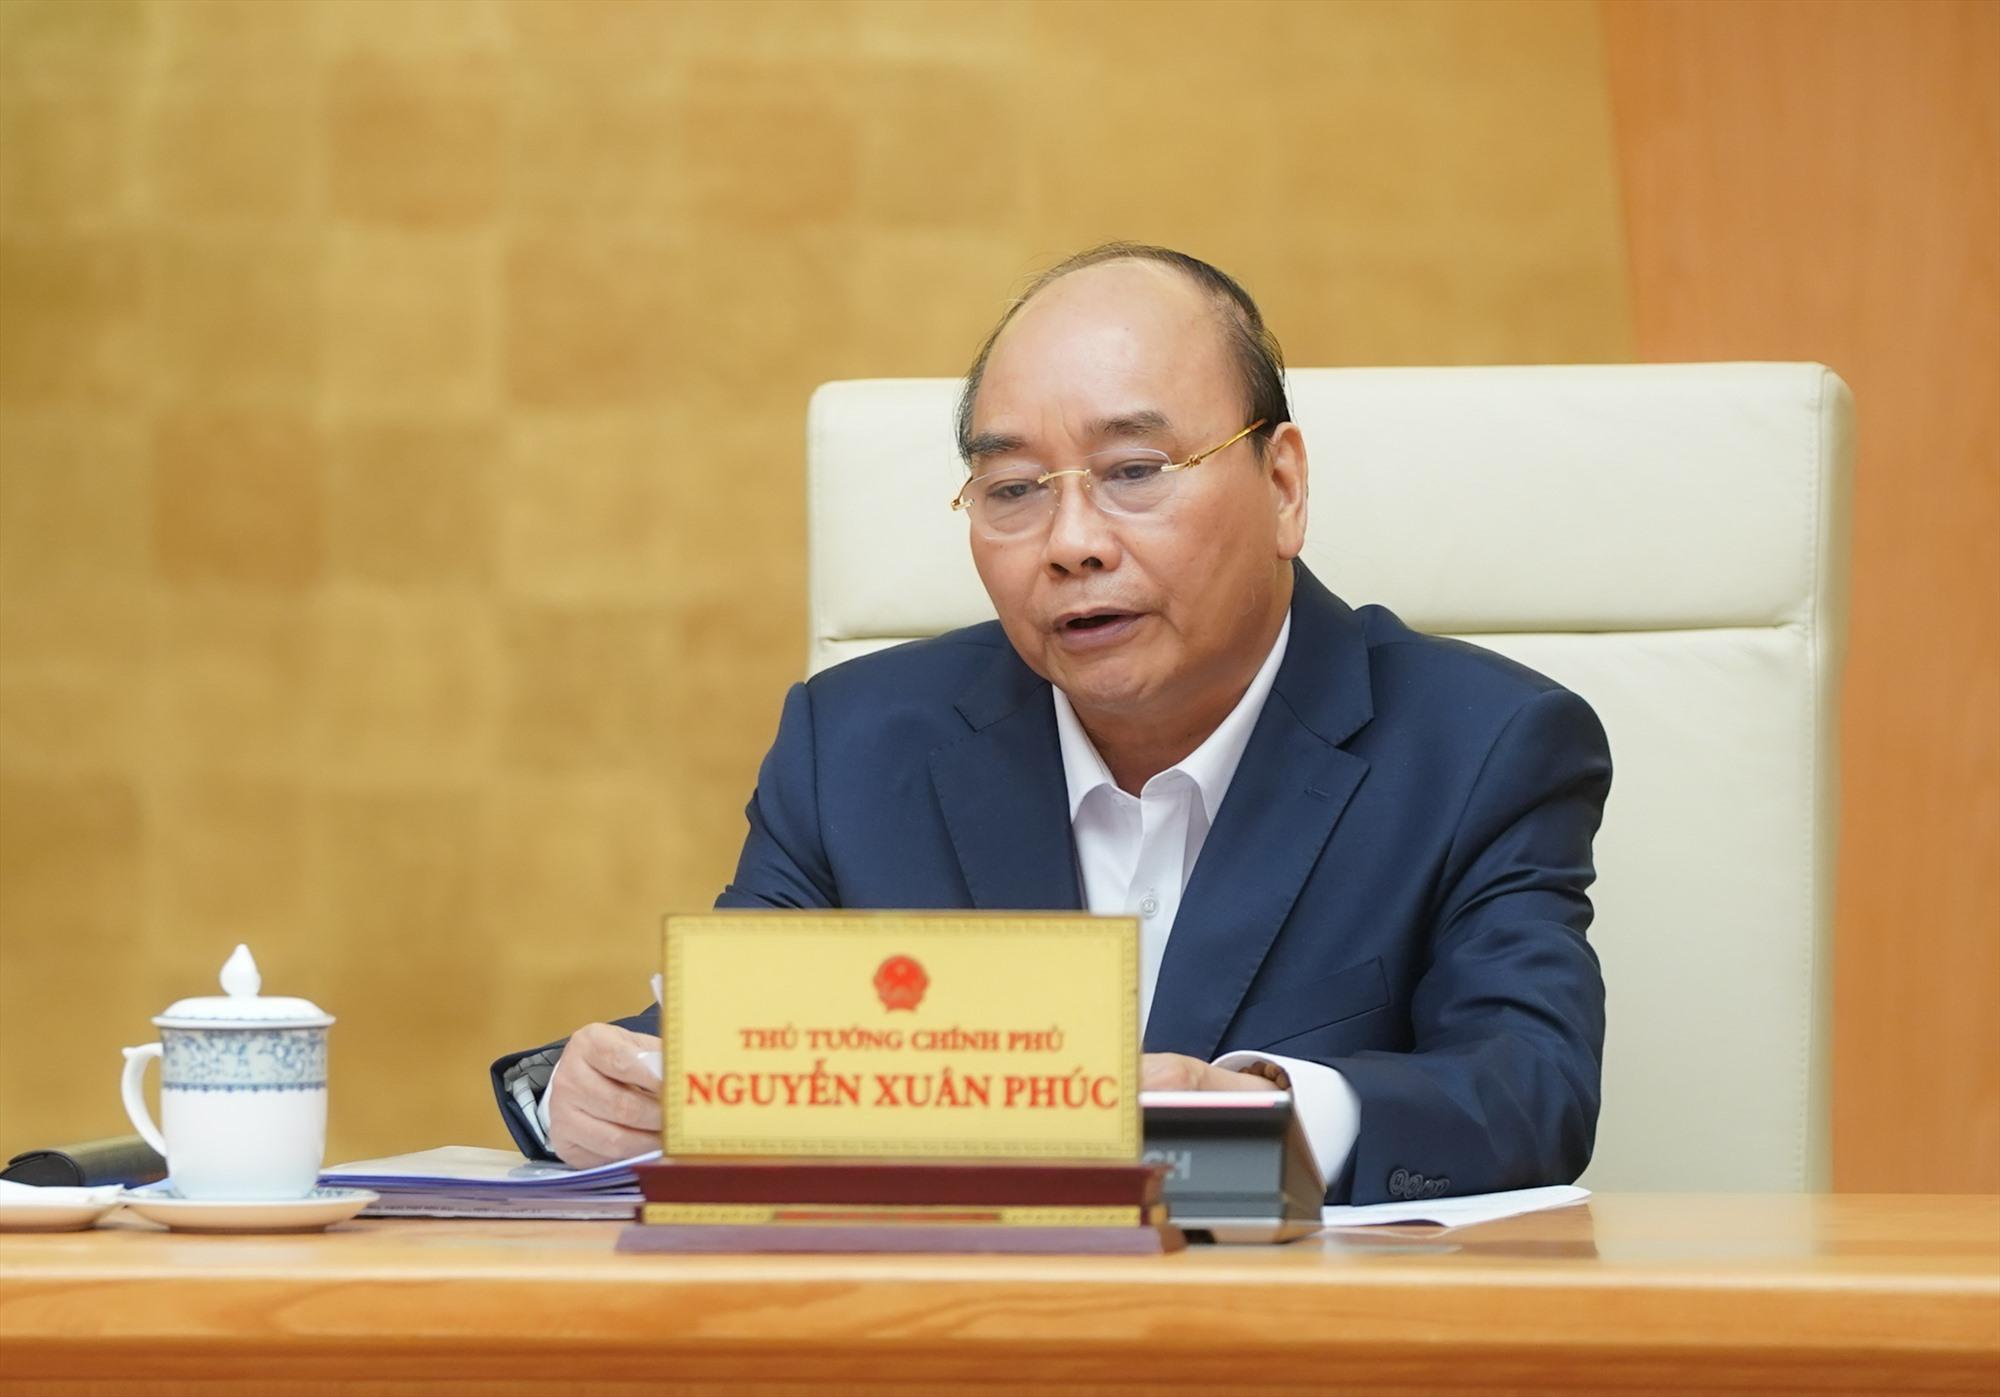 Thủ tướng Nguyễn Xuân Phúc: Từng bước nới lỏng, khôi phục các hoạt động xã hội